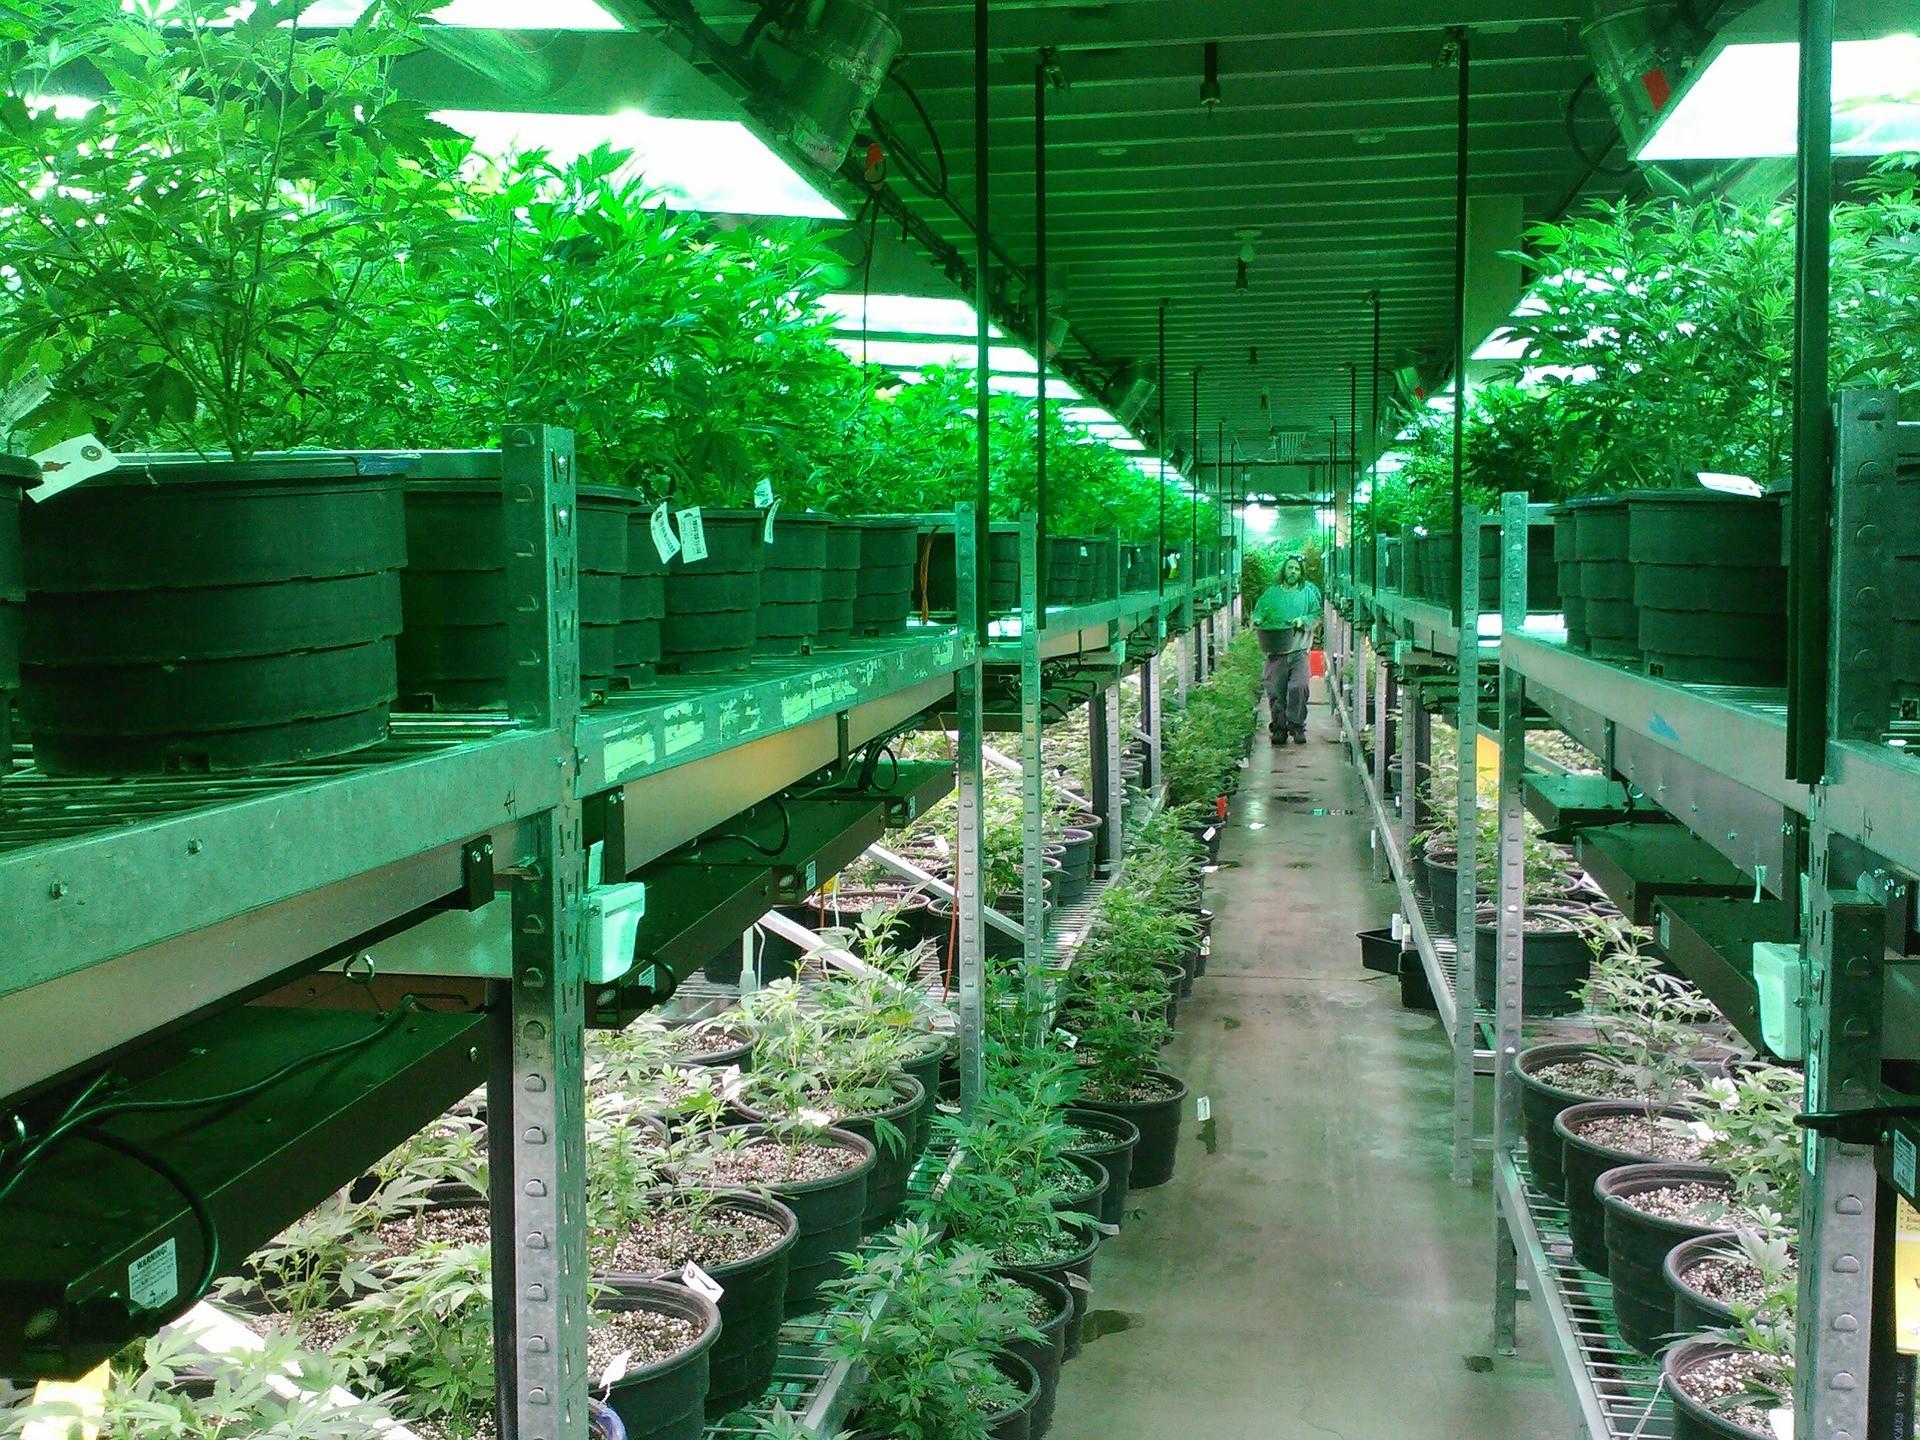 Cultivo legalizado de maconha (Foto: Pixabay)